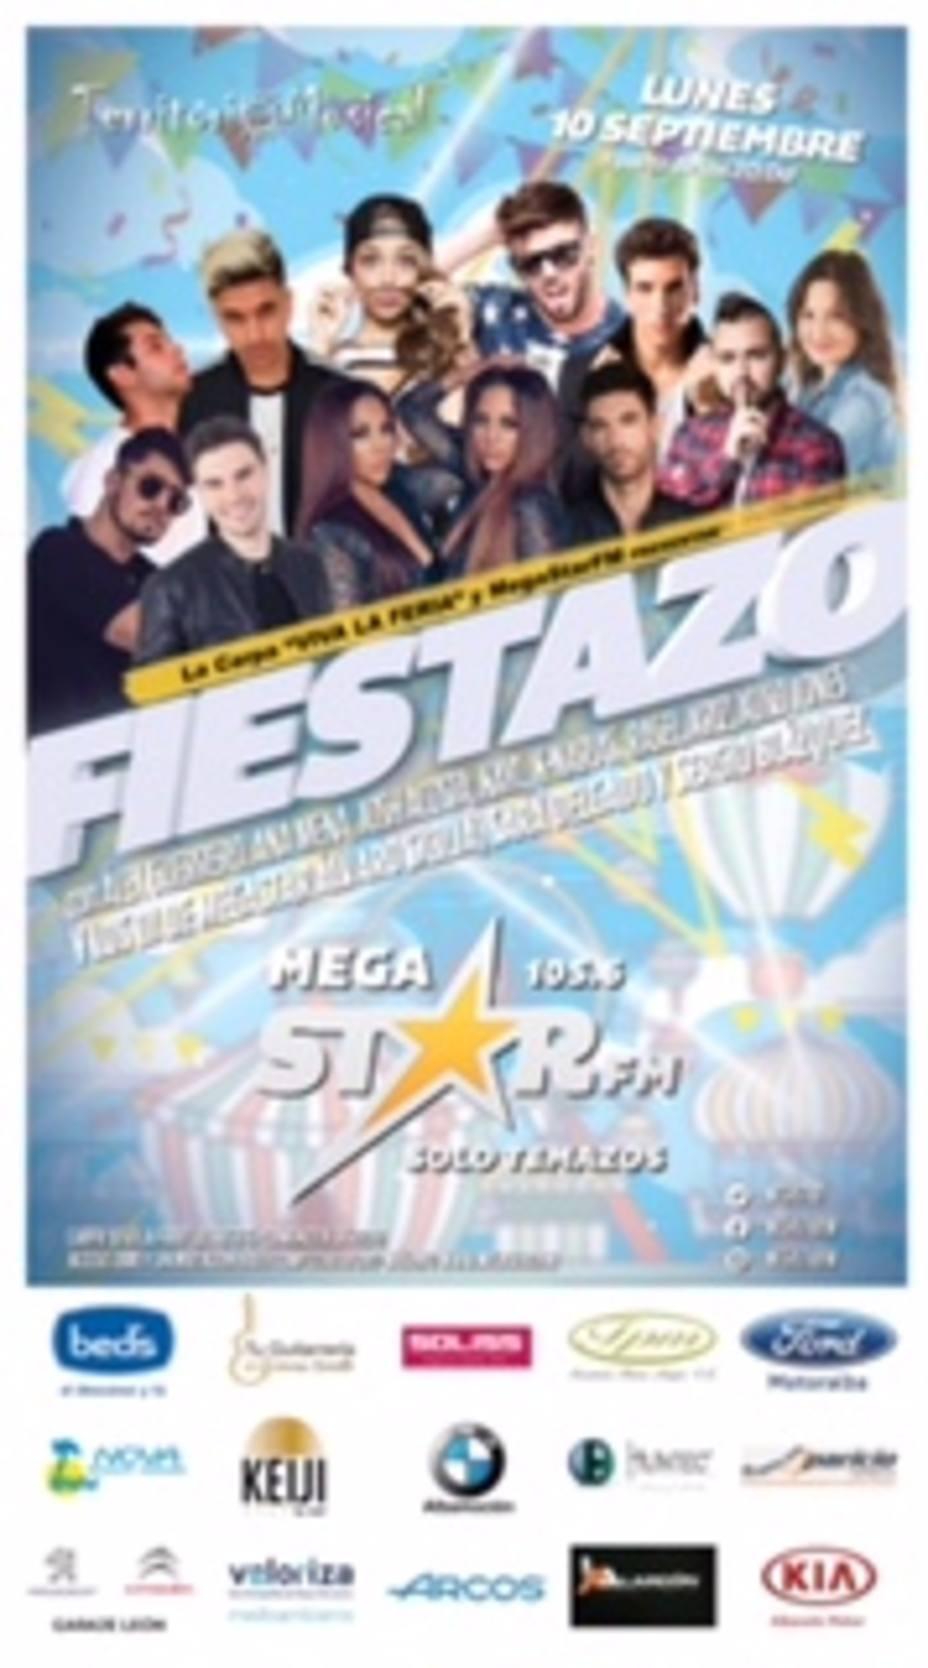 MegaStar la radio de los temazos , llega por primera vez Albacete